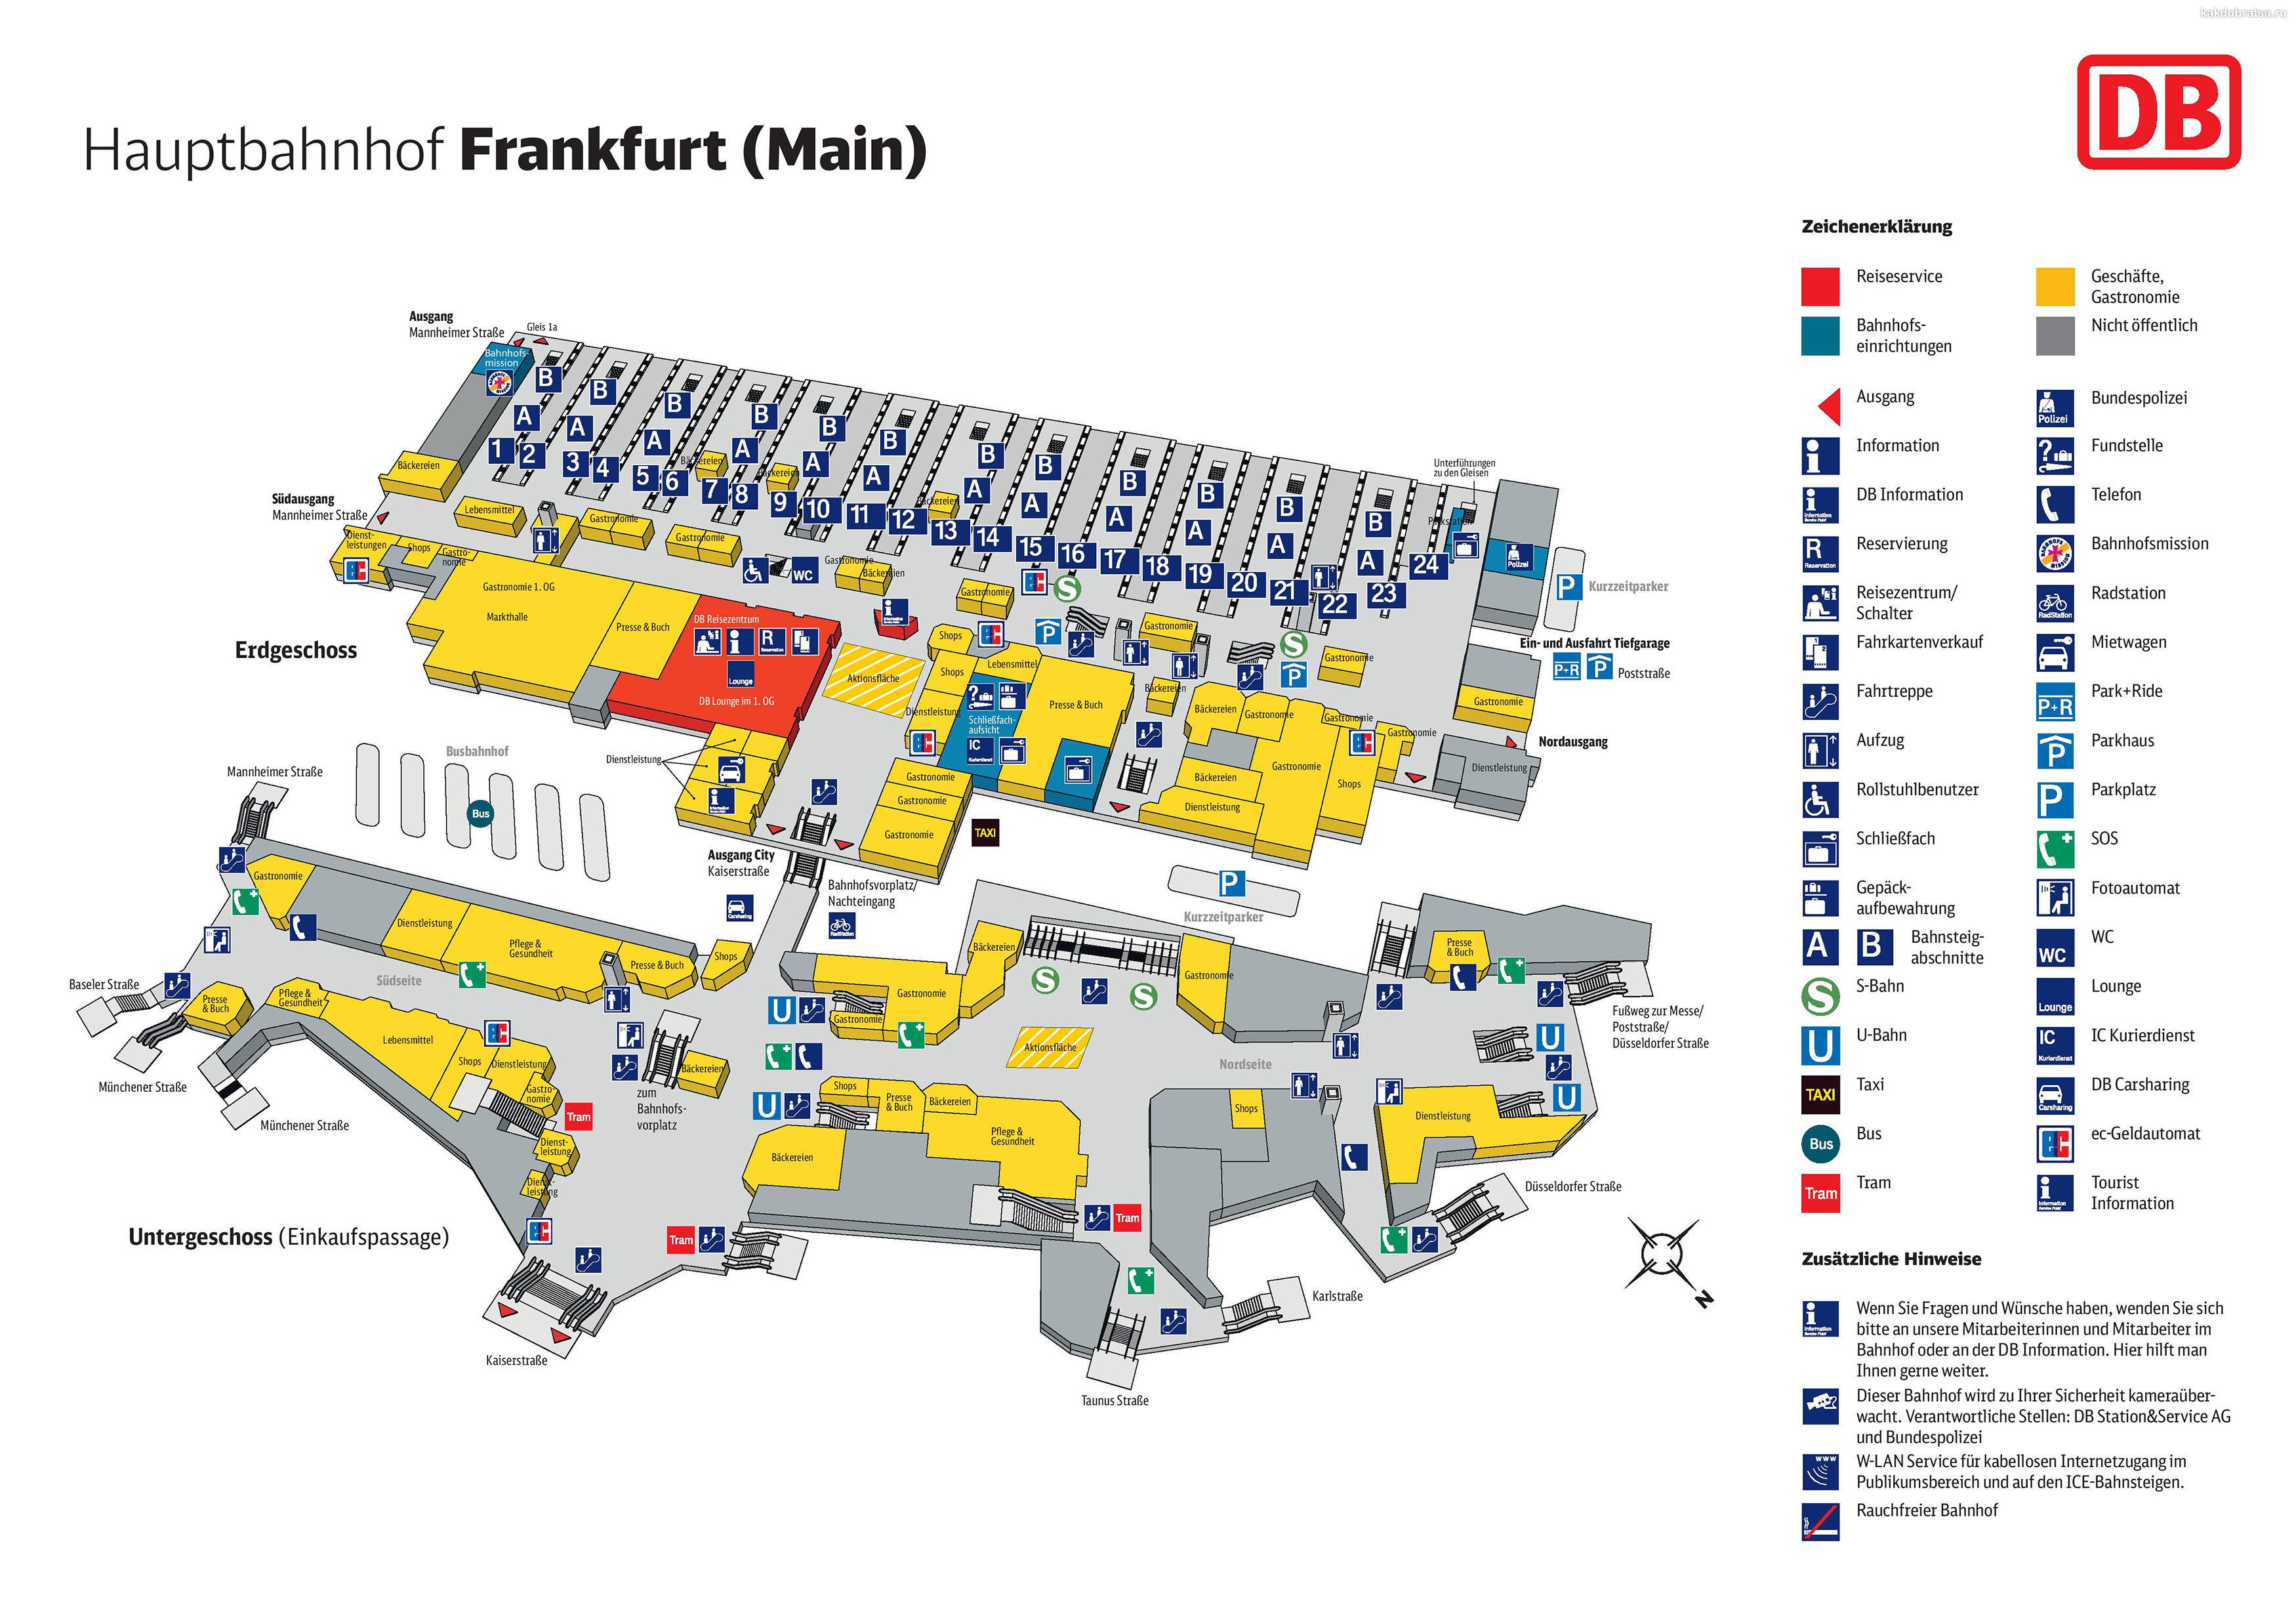 Главный железнодорожный вокзал Франкфурта карта